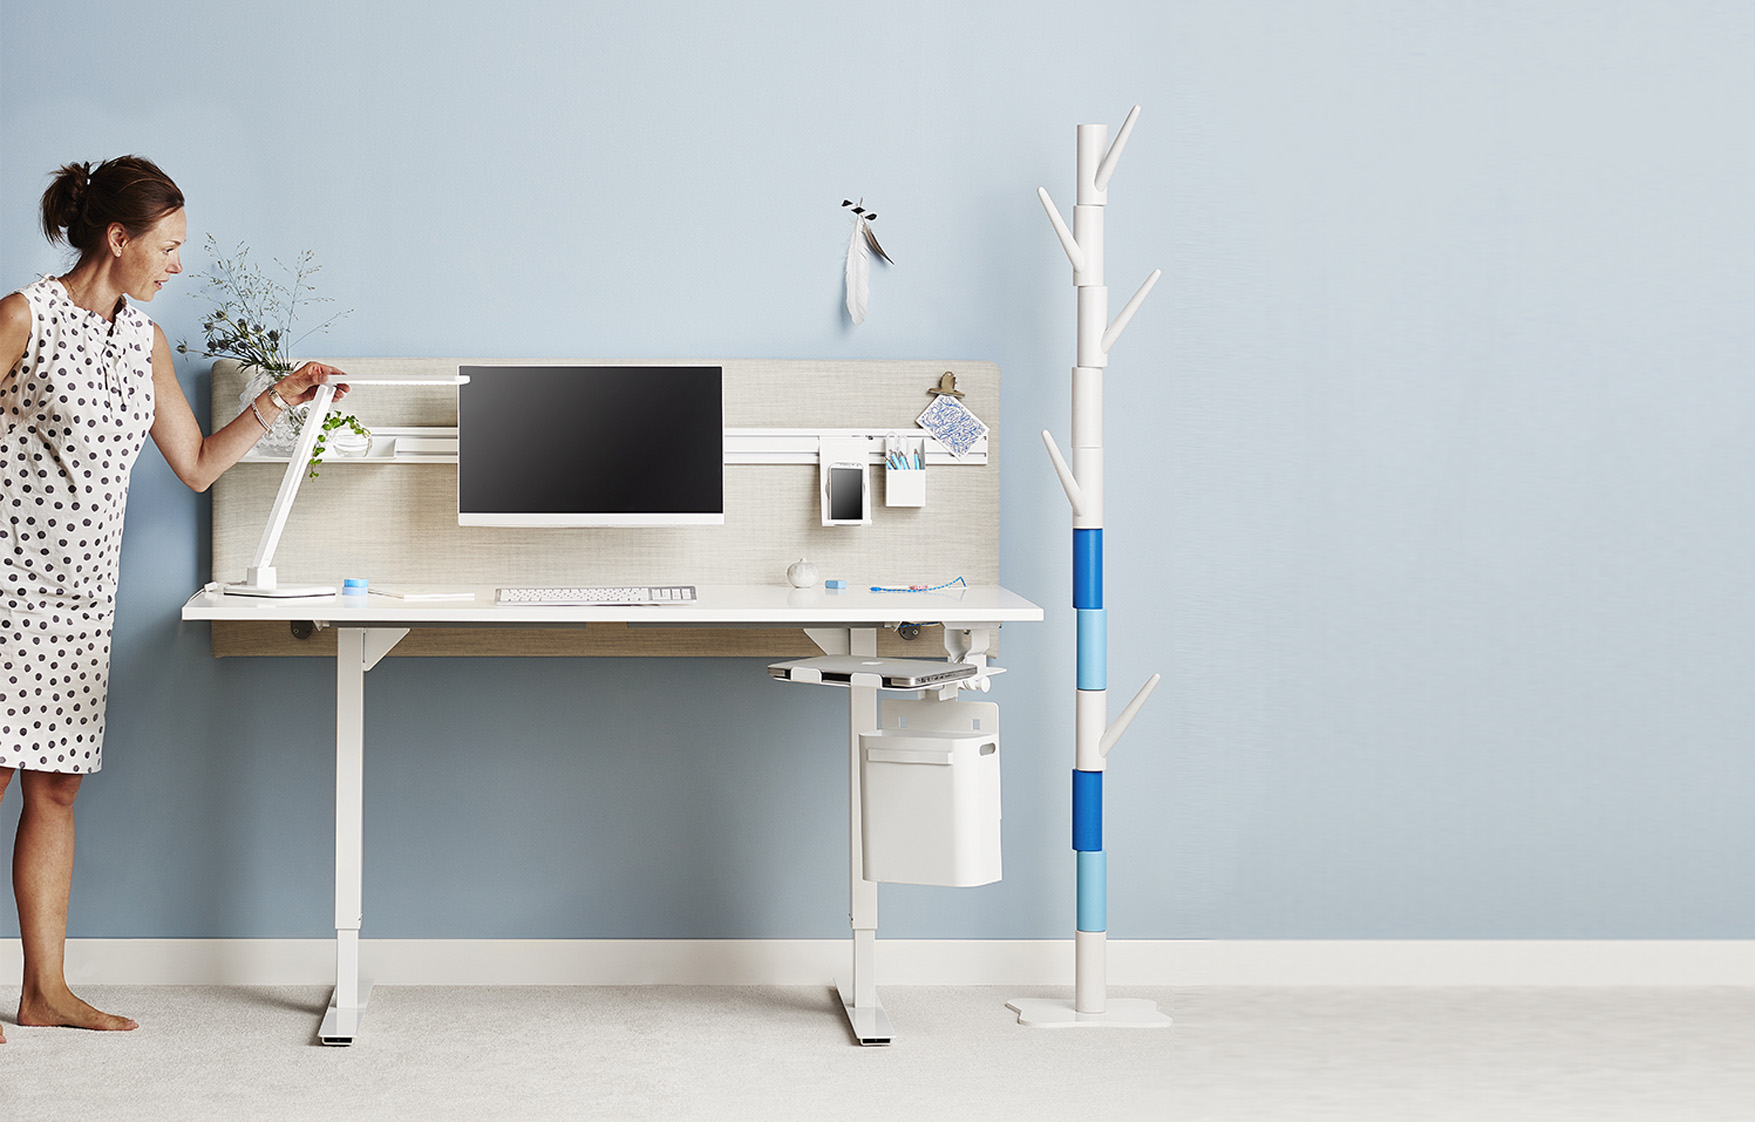 producten voor een ergonomische werkplek